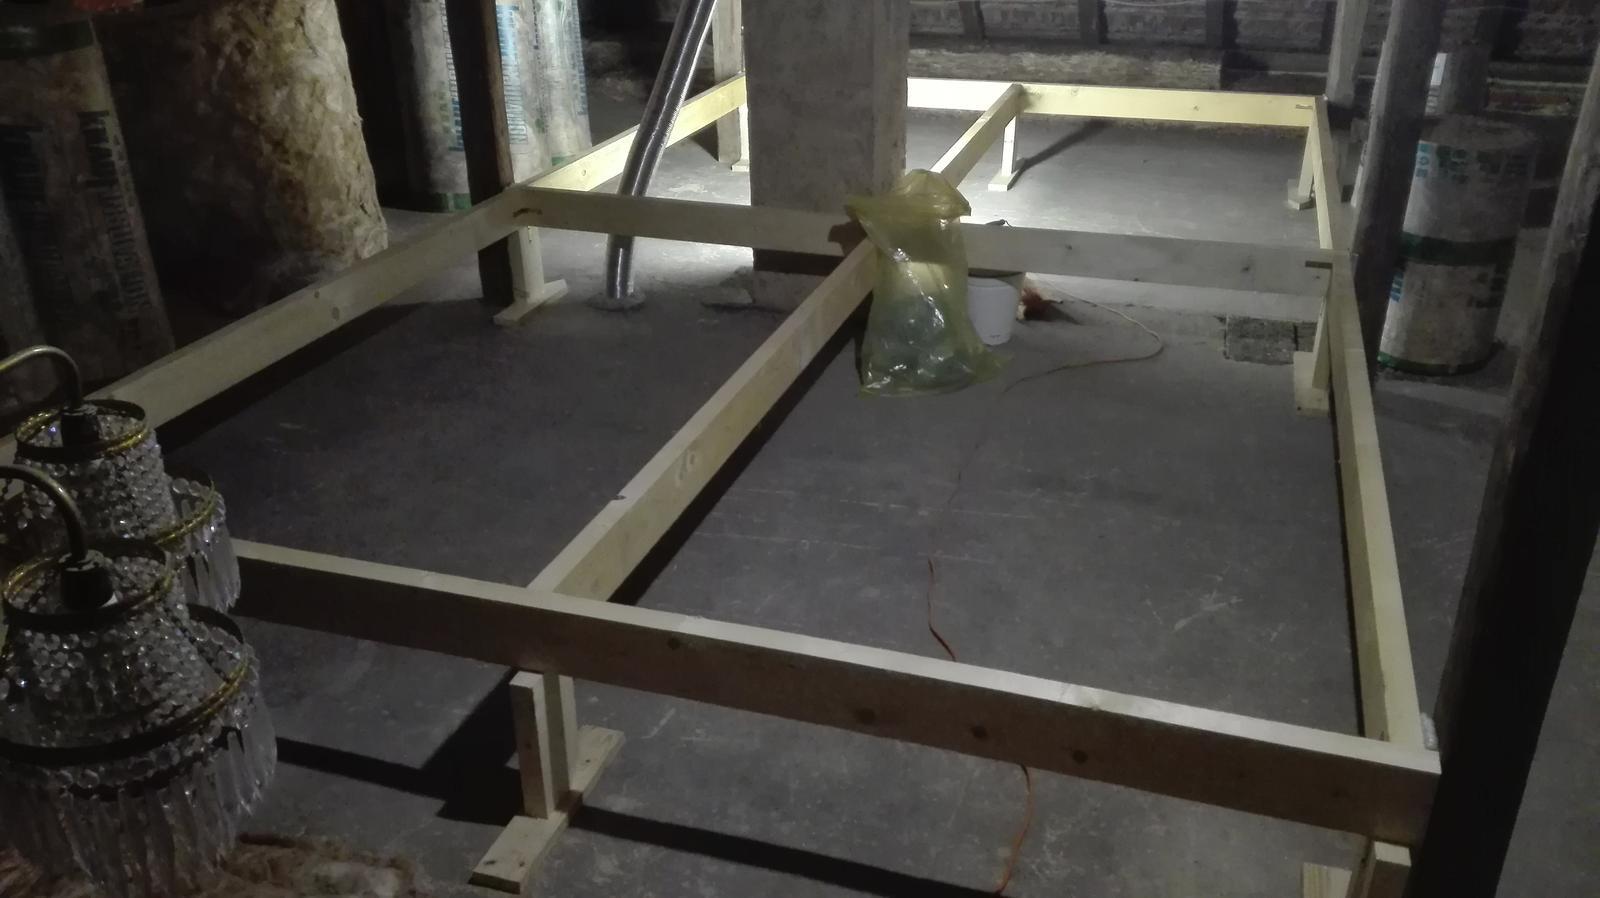 Zlepsenie tepelnoizolacnych vlastností tramoveho stropu - Obrázok č. 2